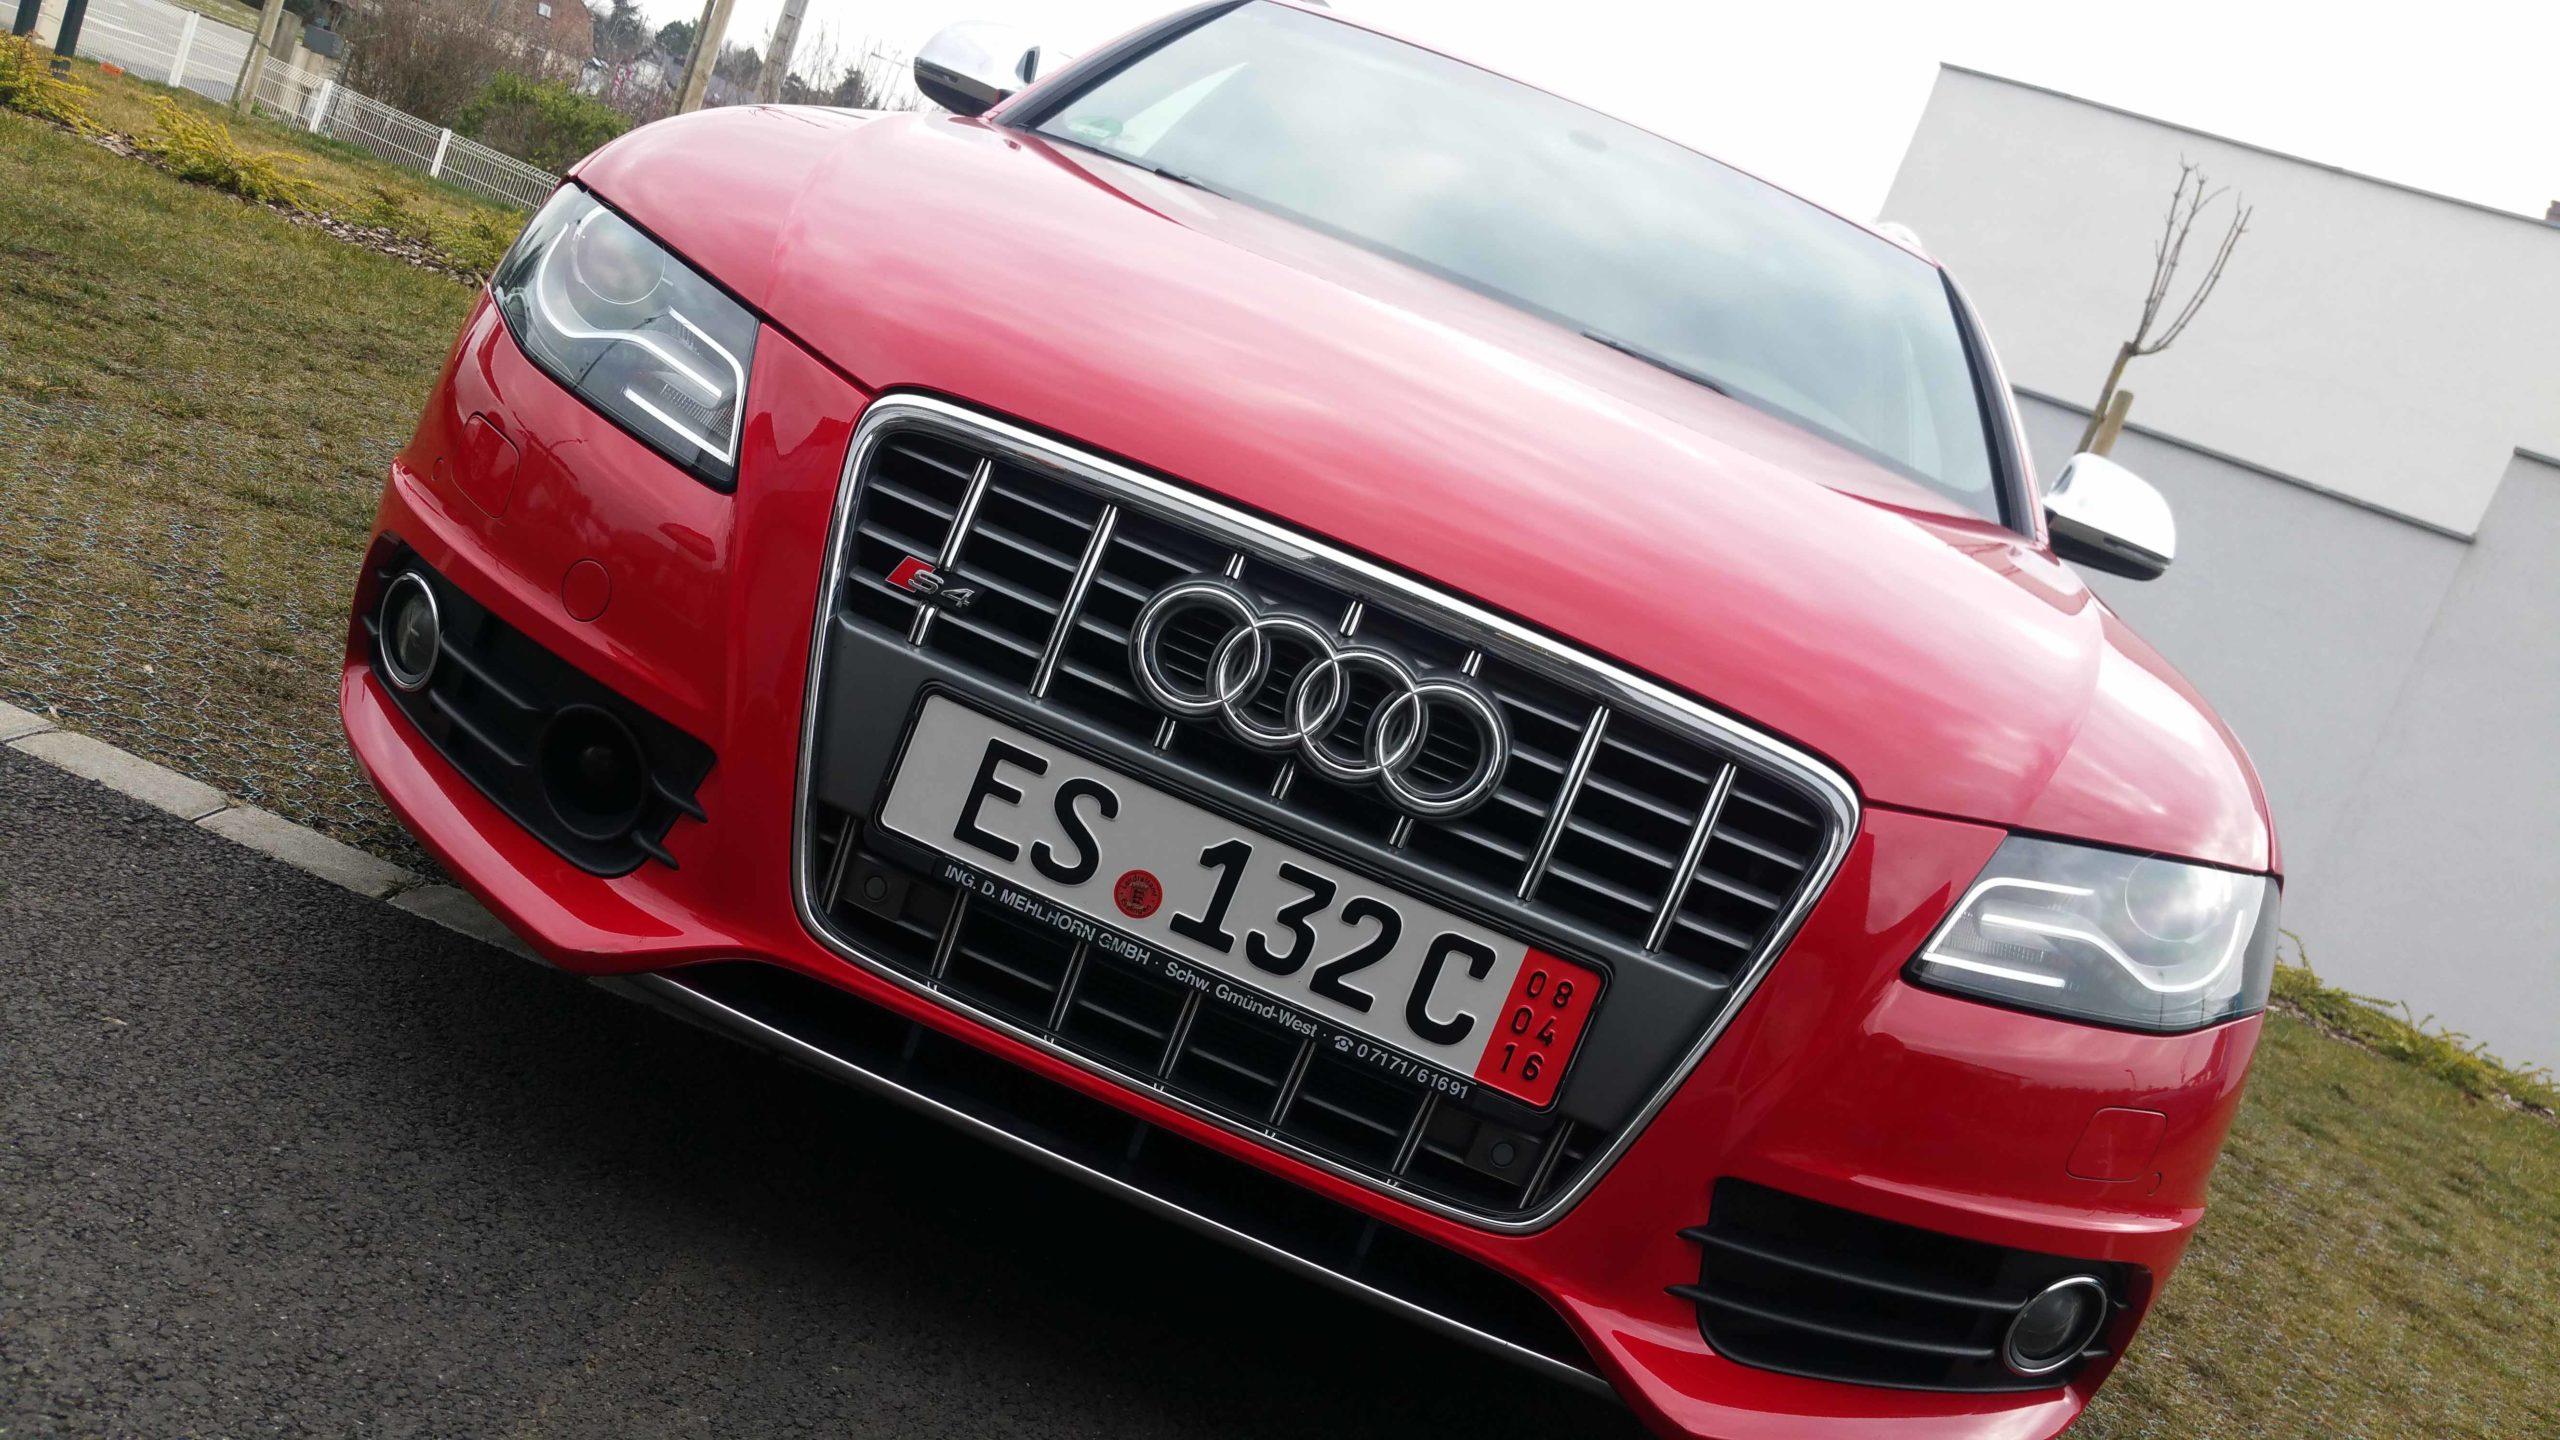 Audi S4 Avant 3.0 TFSI